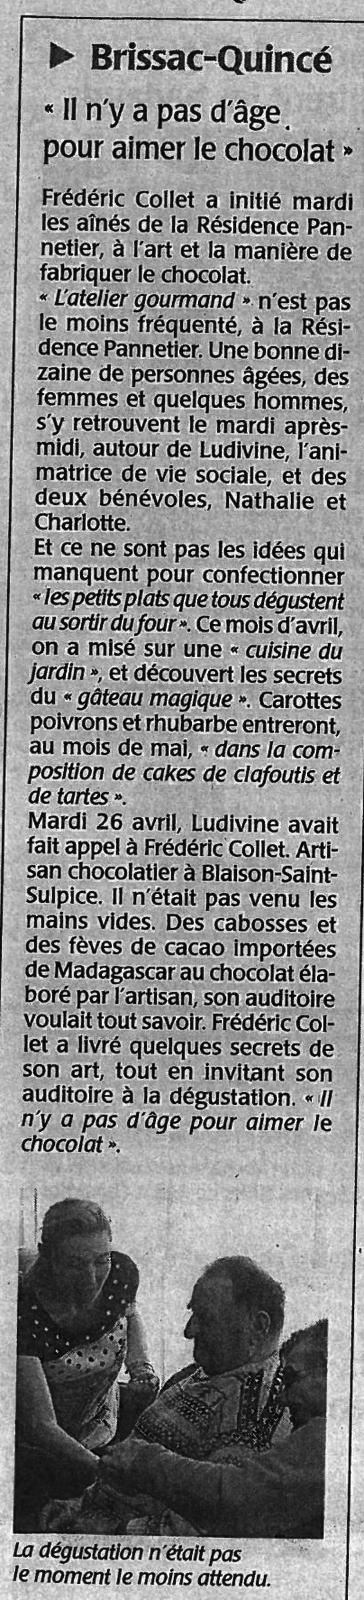 Rencontre avec M. COLLET CHOCOLATIER